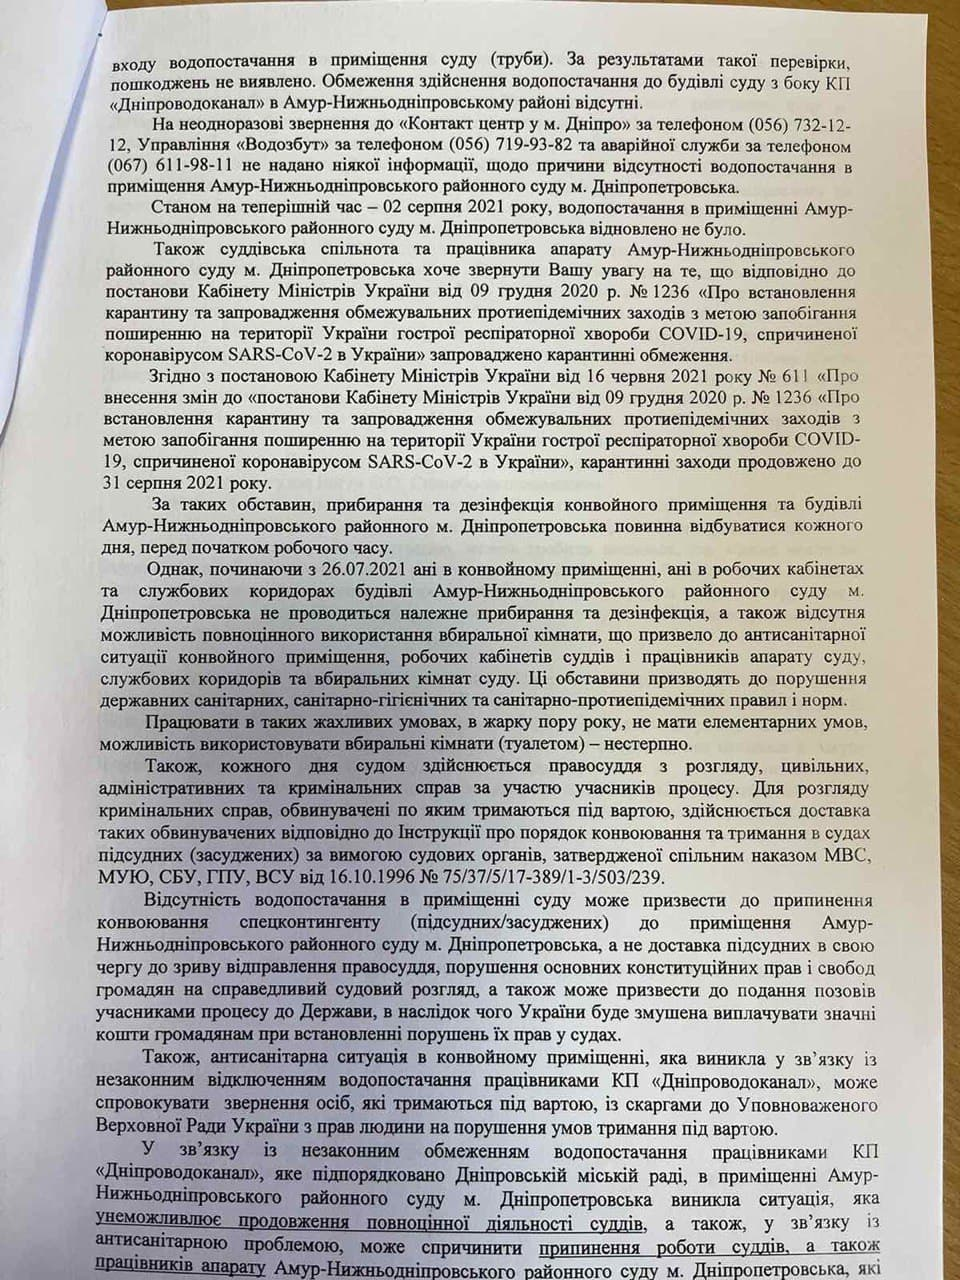 Зеленского просят о помощи работники суда в Днепре, в котором отключили воду по указанию Филатова - фото 7